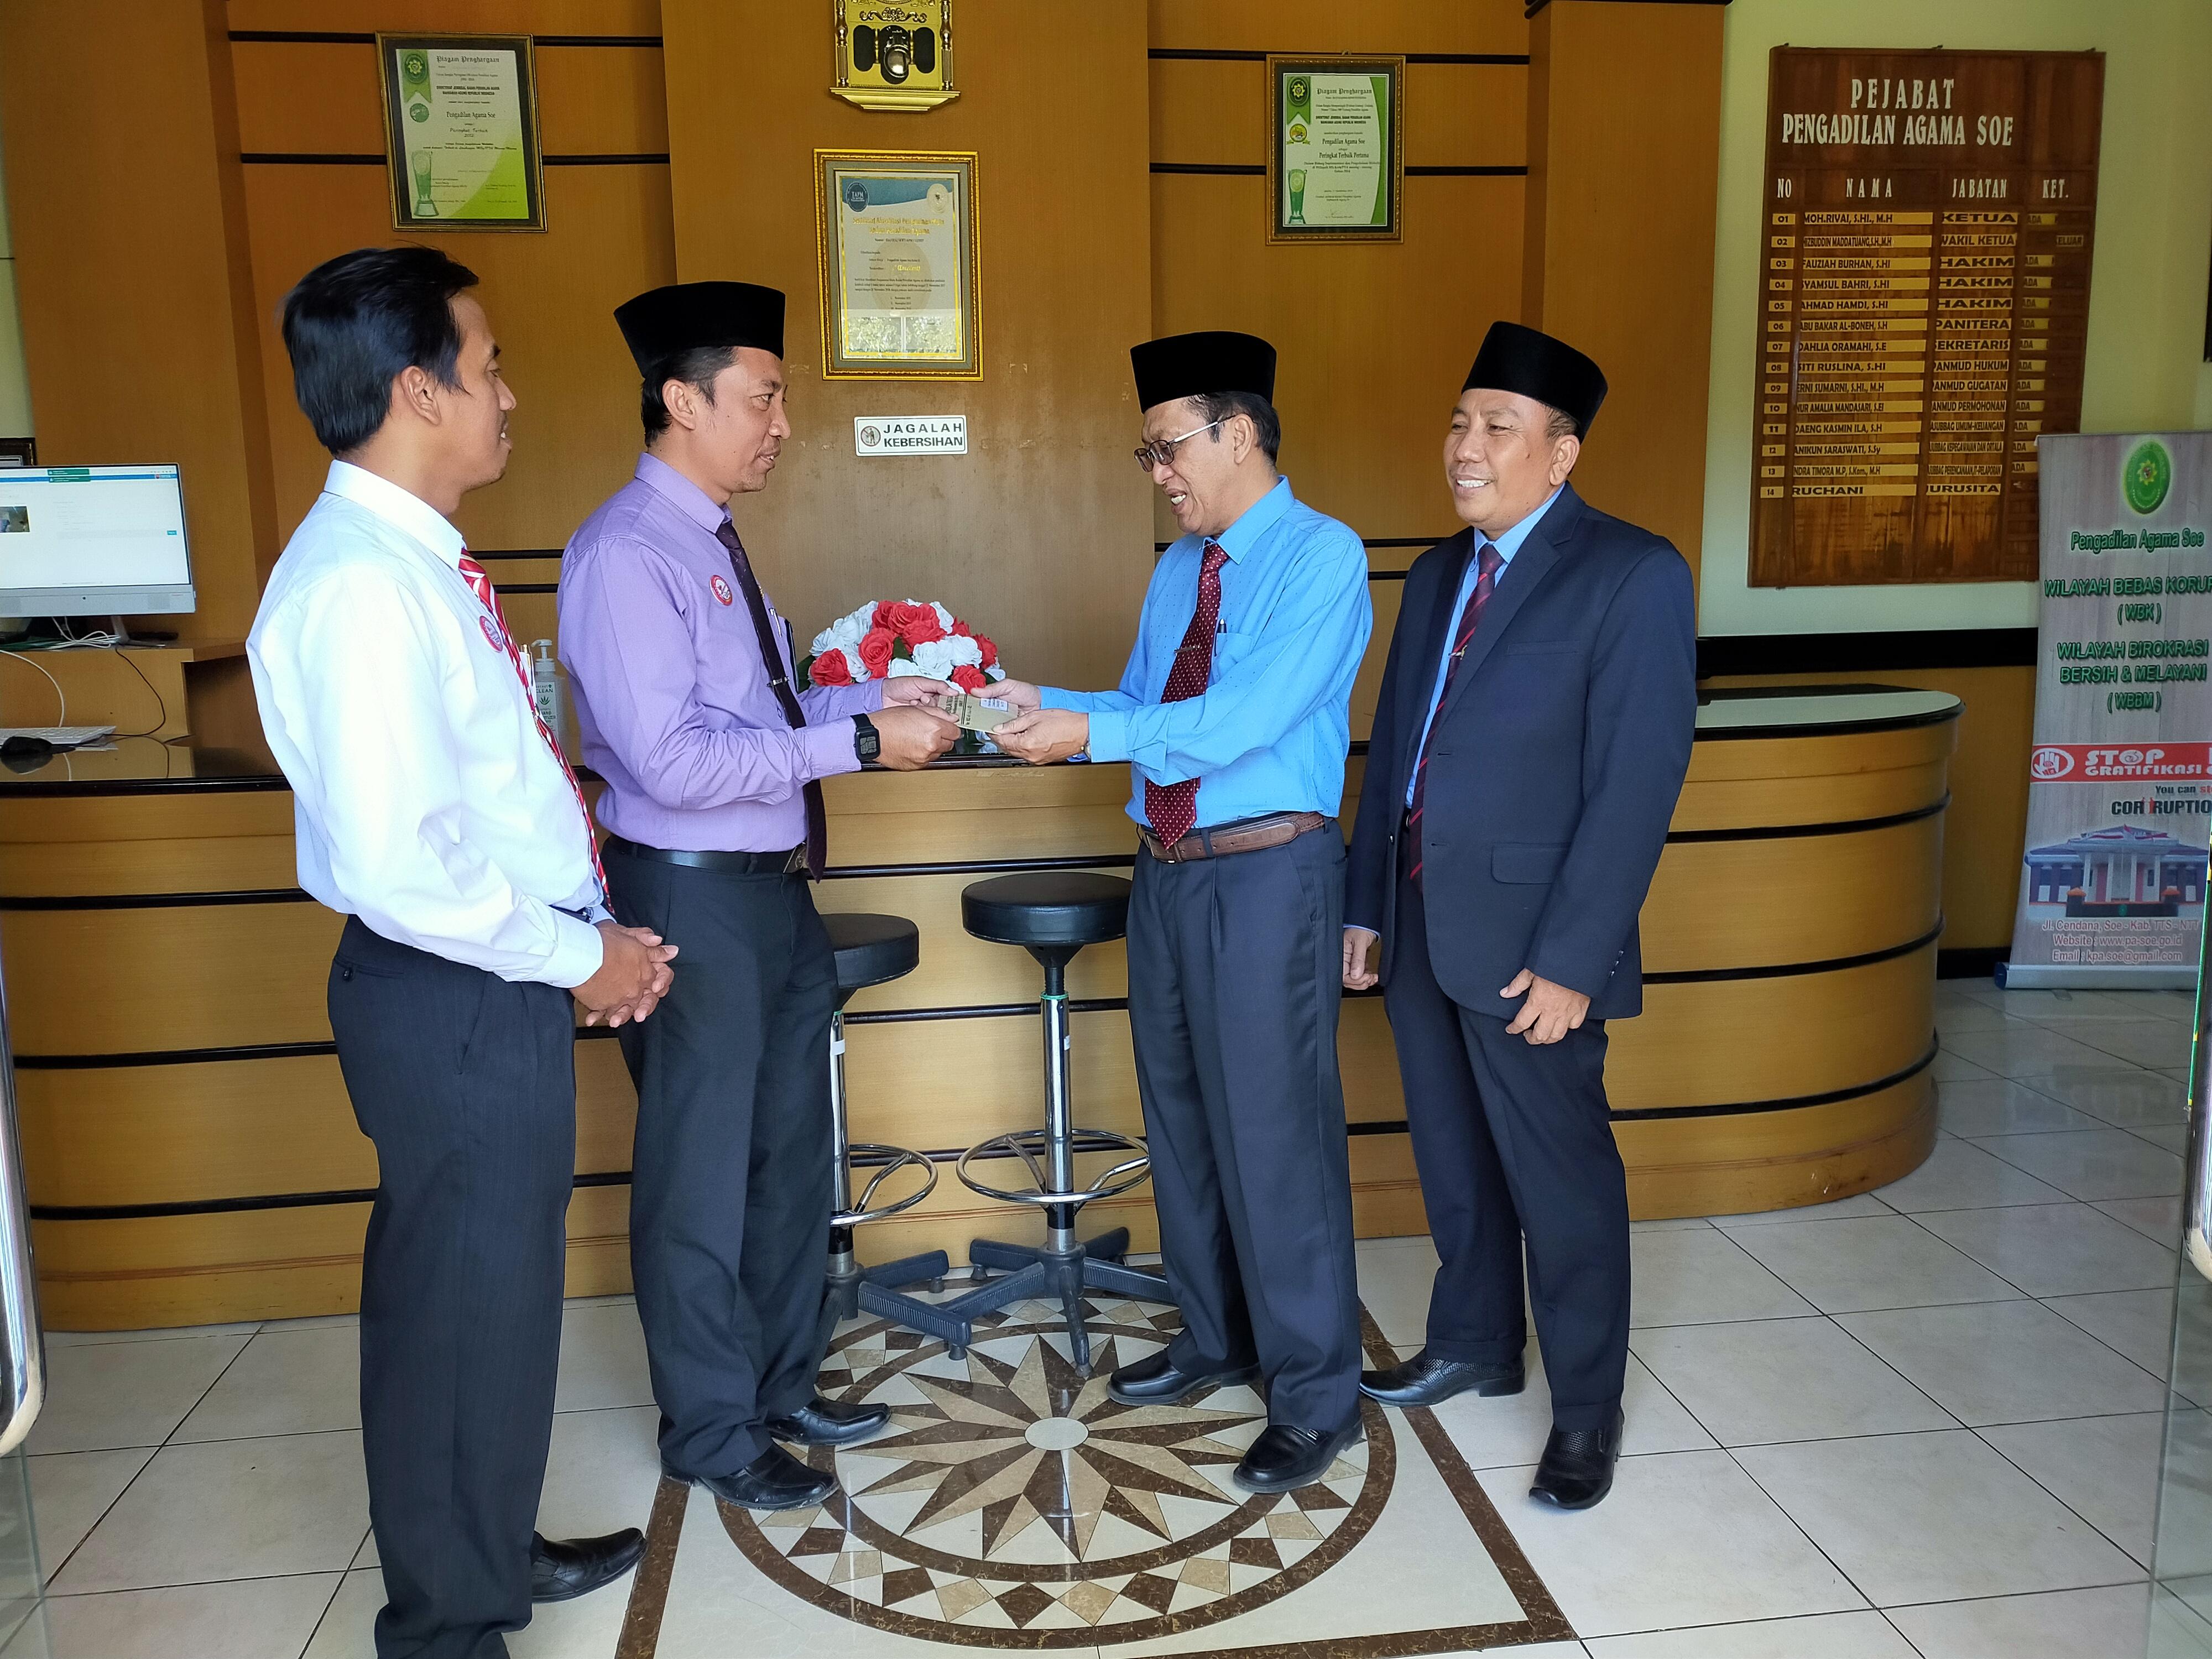 Dukungan Pengadilan Tinggi Agama Nusa Tenggara Timur Pembangunan Sarana Tempat Ibadah di Pengadilan Agama Soe